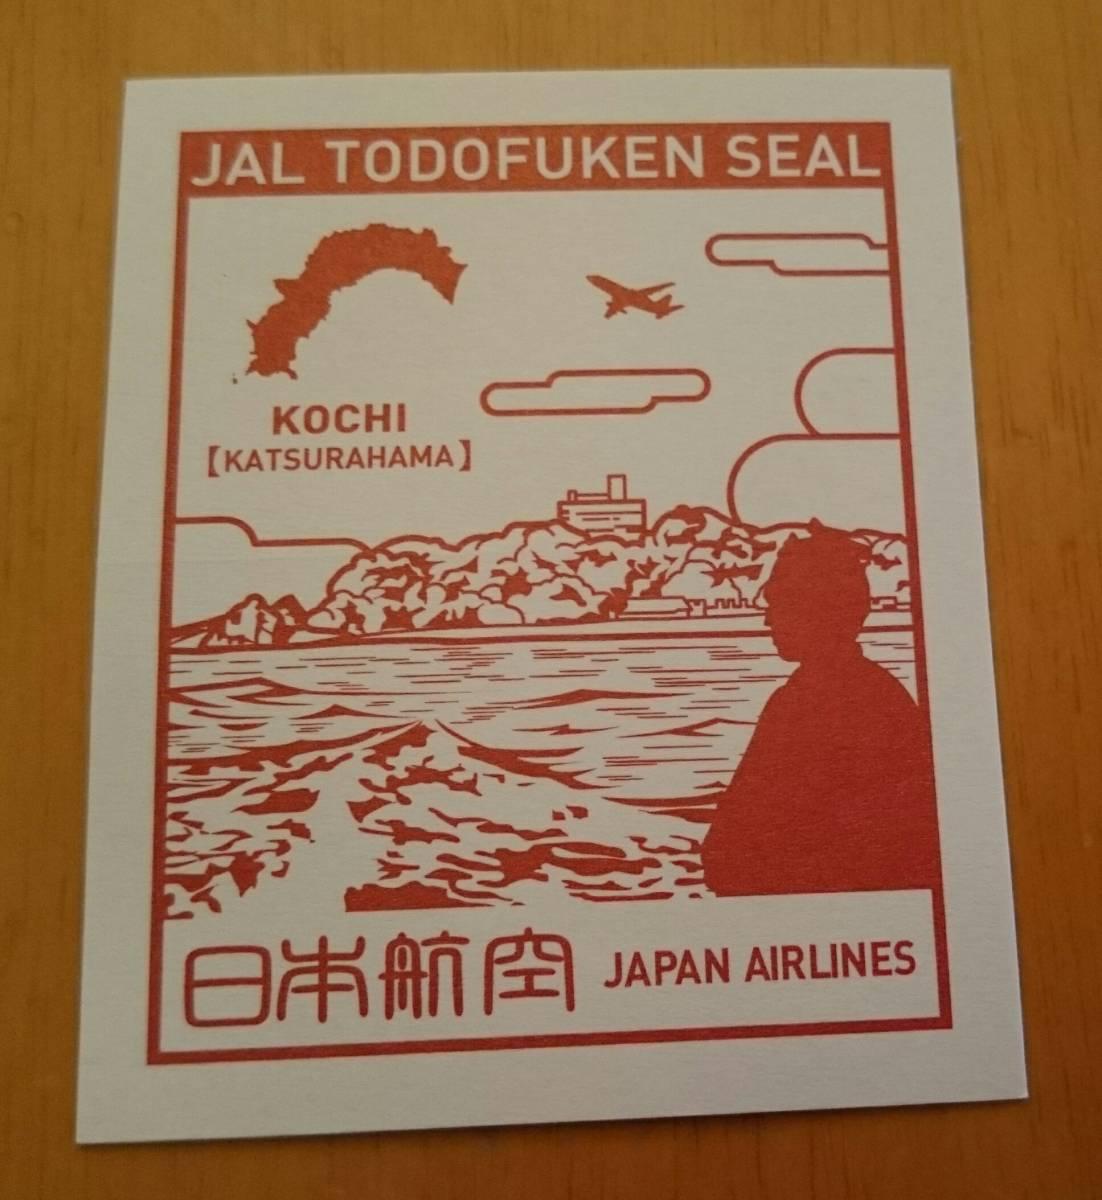 ♪非売品・JAL 日本航空 都道府県シール・高知県・送料無料♪